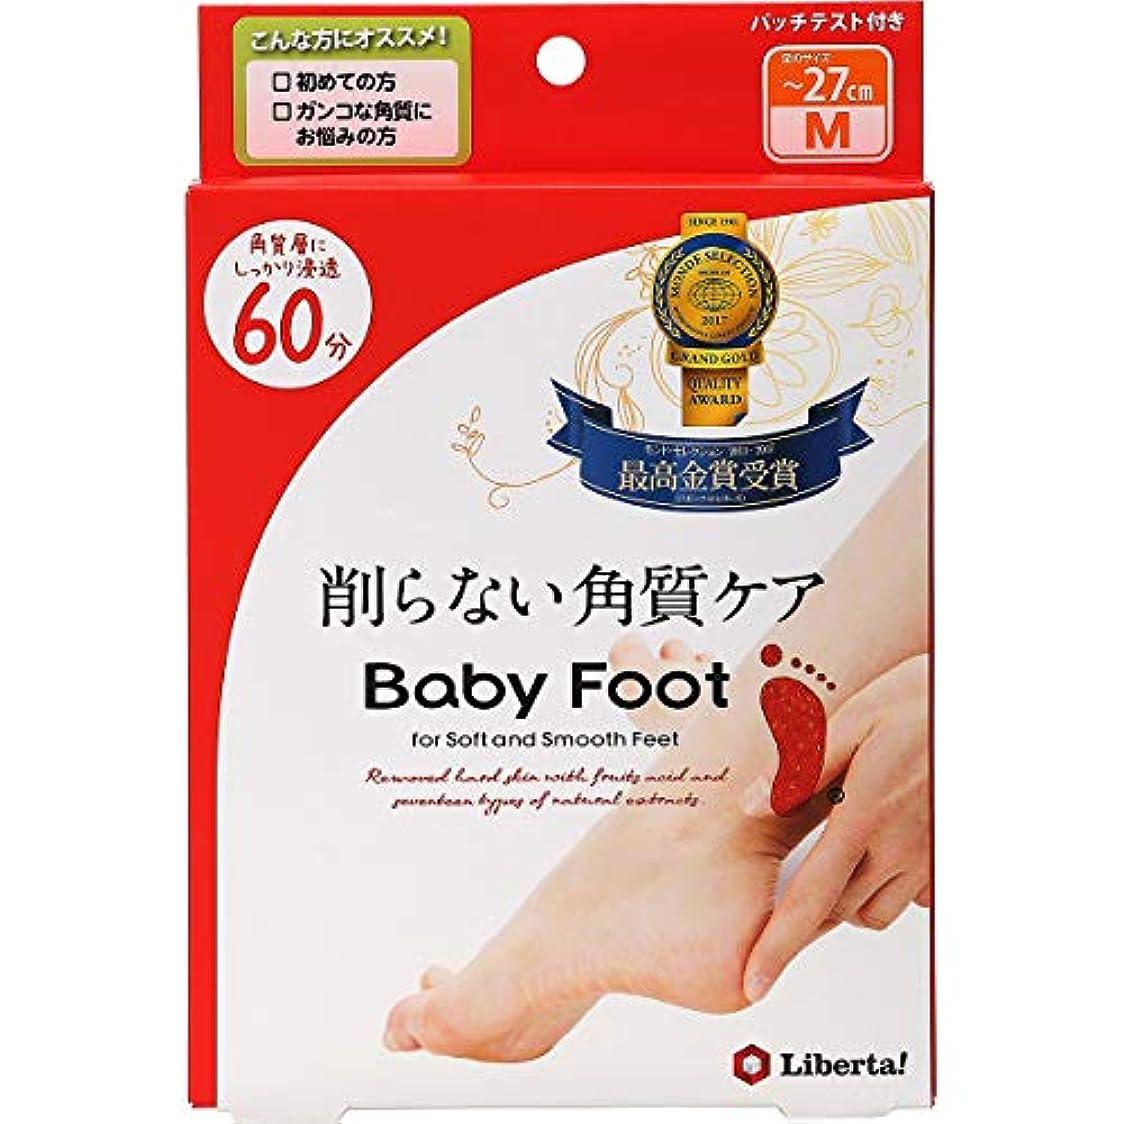 プラカード依存する花弁ベビーフット (Baby Foot) ベビーフット イージーパック SPT60分タイプ Mサイズ 単品